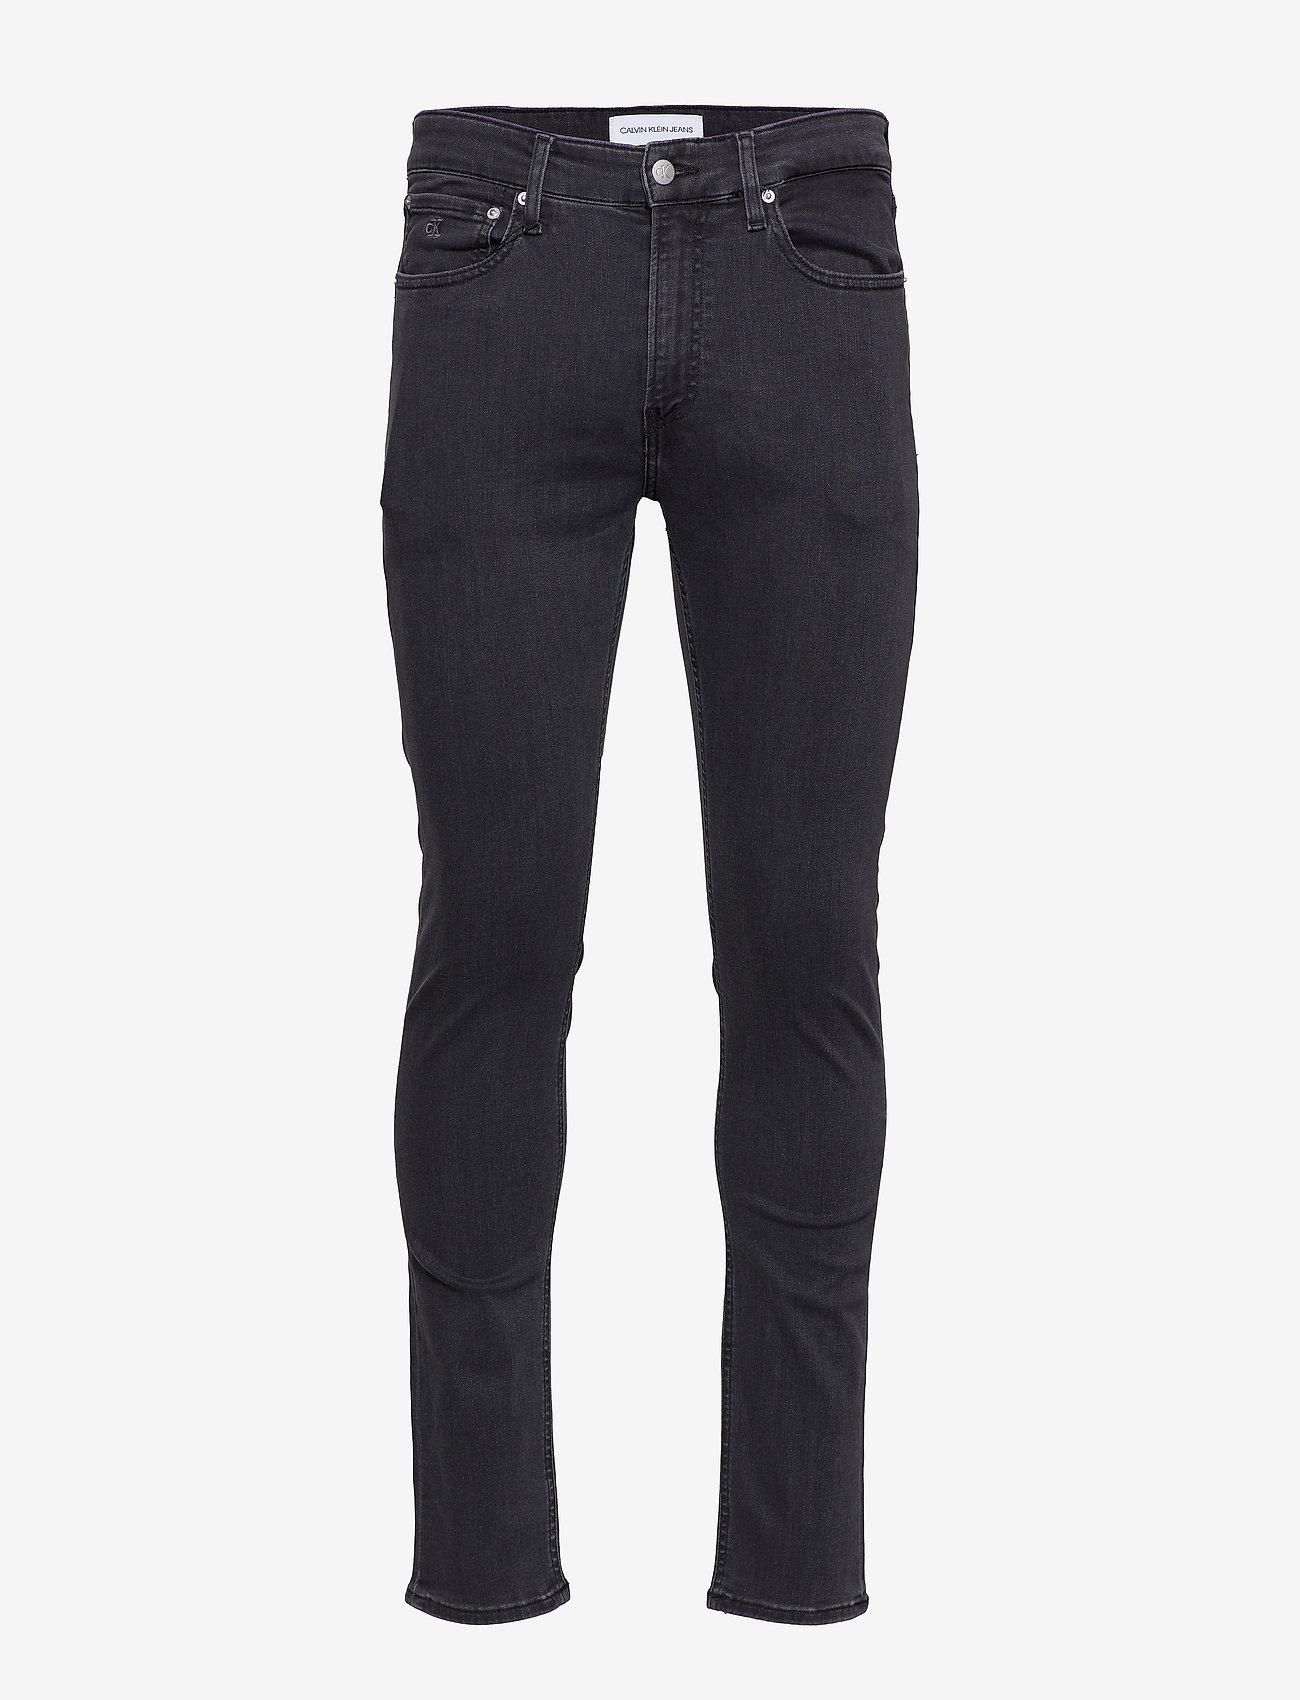 Calvin Klein Jeans - CKJ 016 SKINNY - skinny jeans - zz009 grey - 0